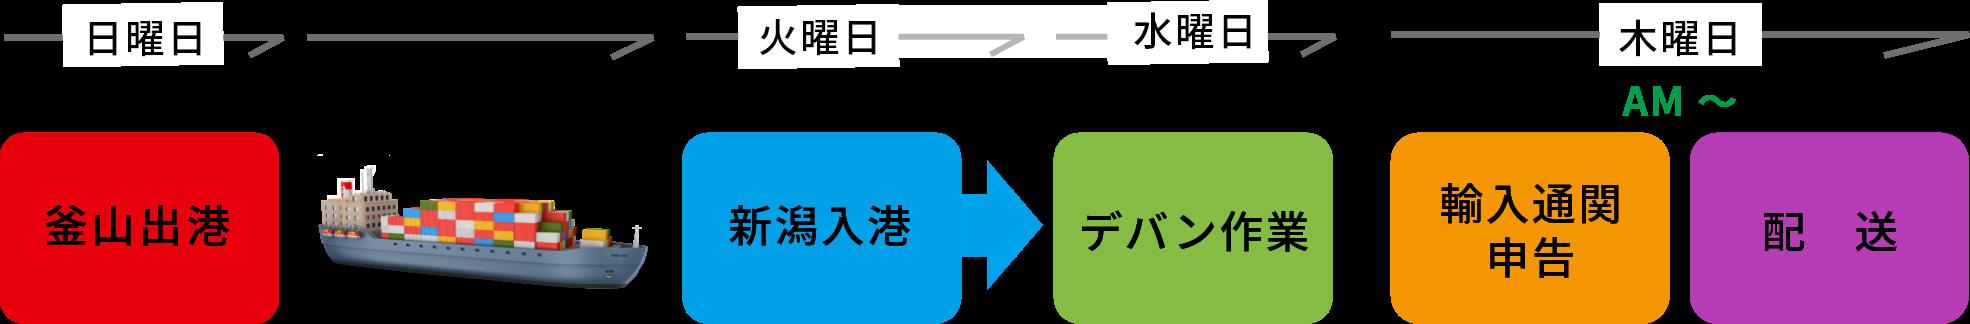 釜山積スケジュール